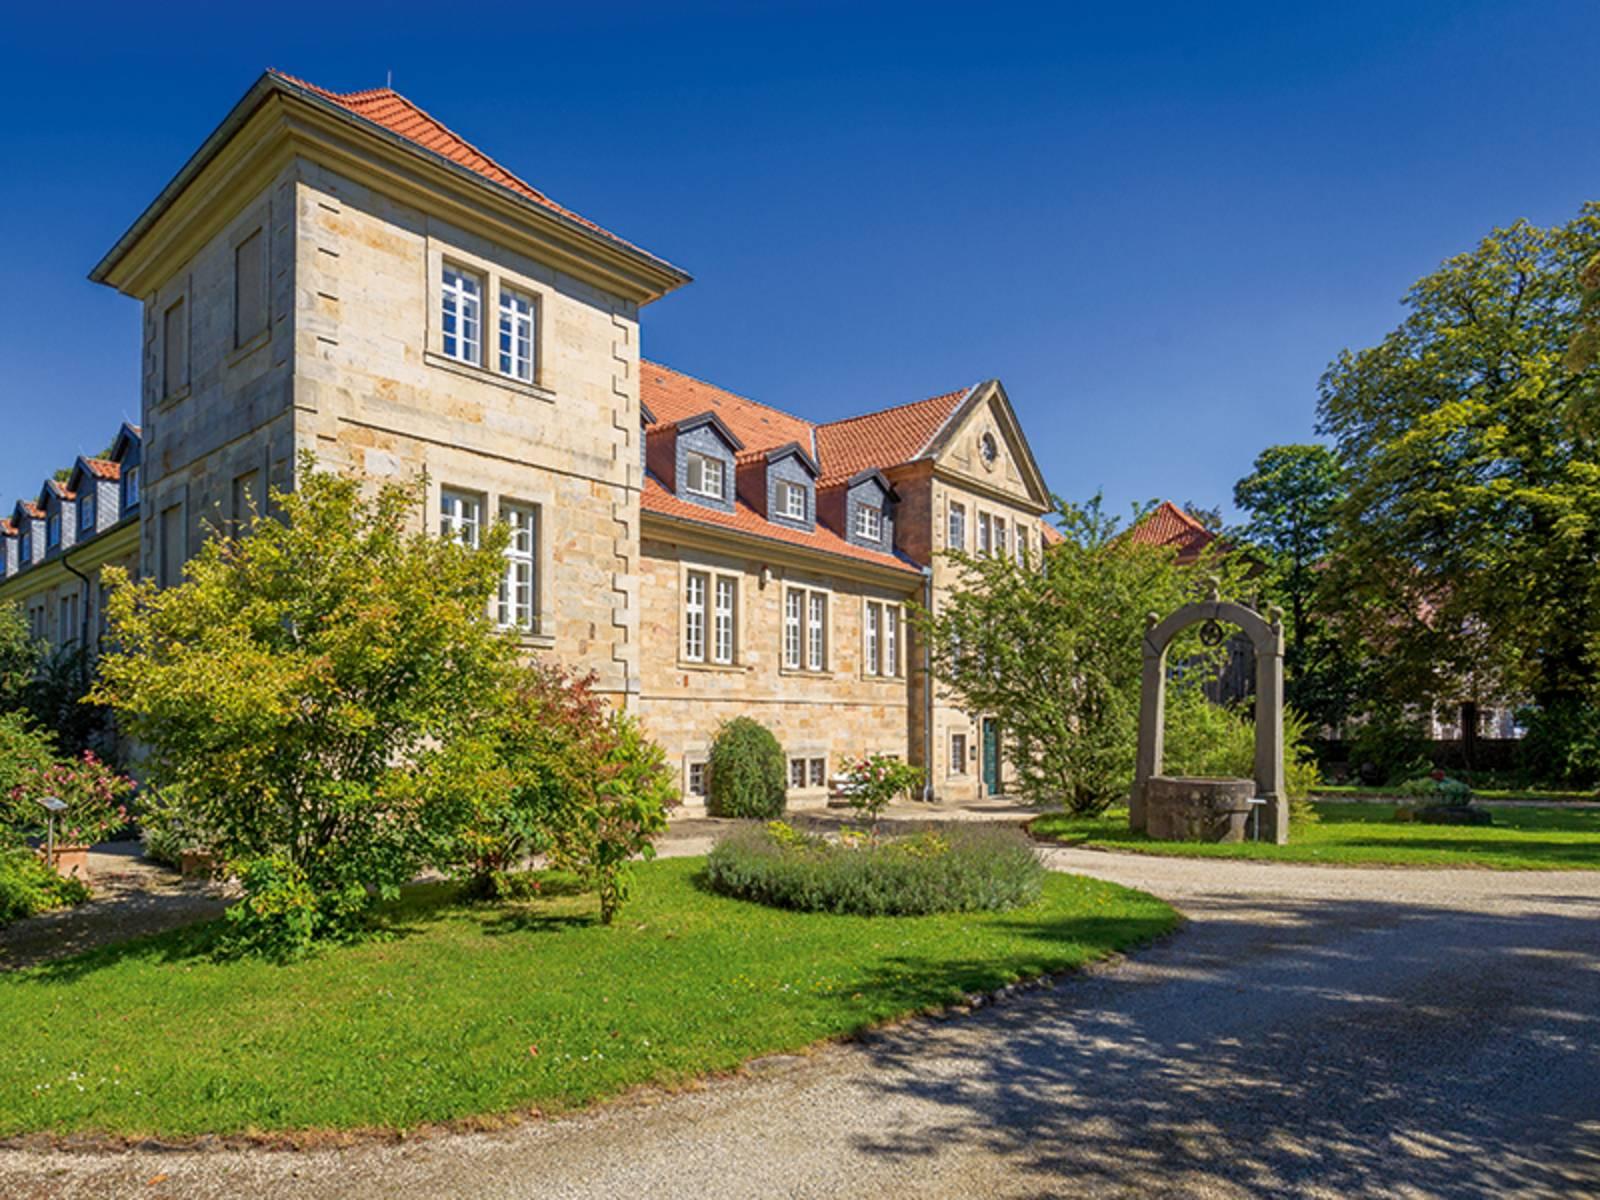 Kloster Barsinghausen